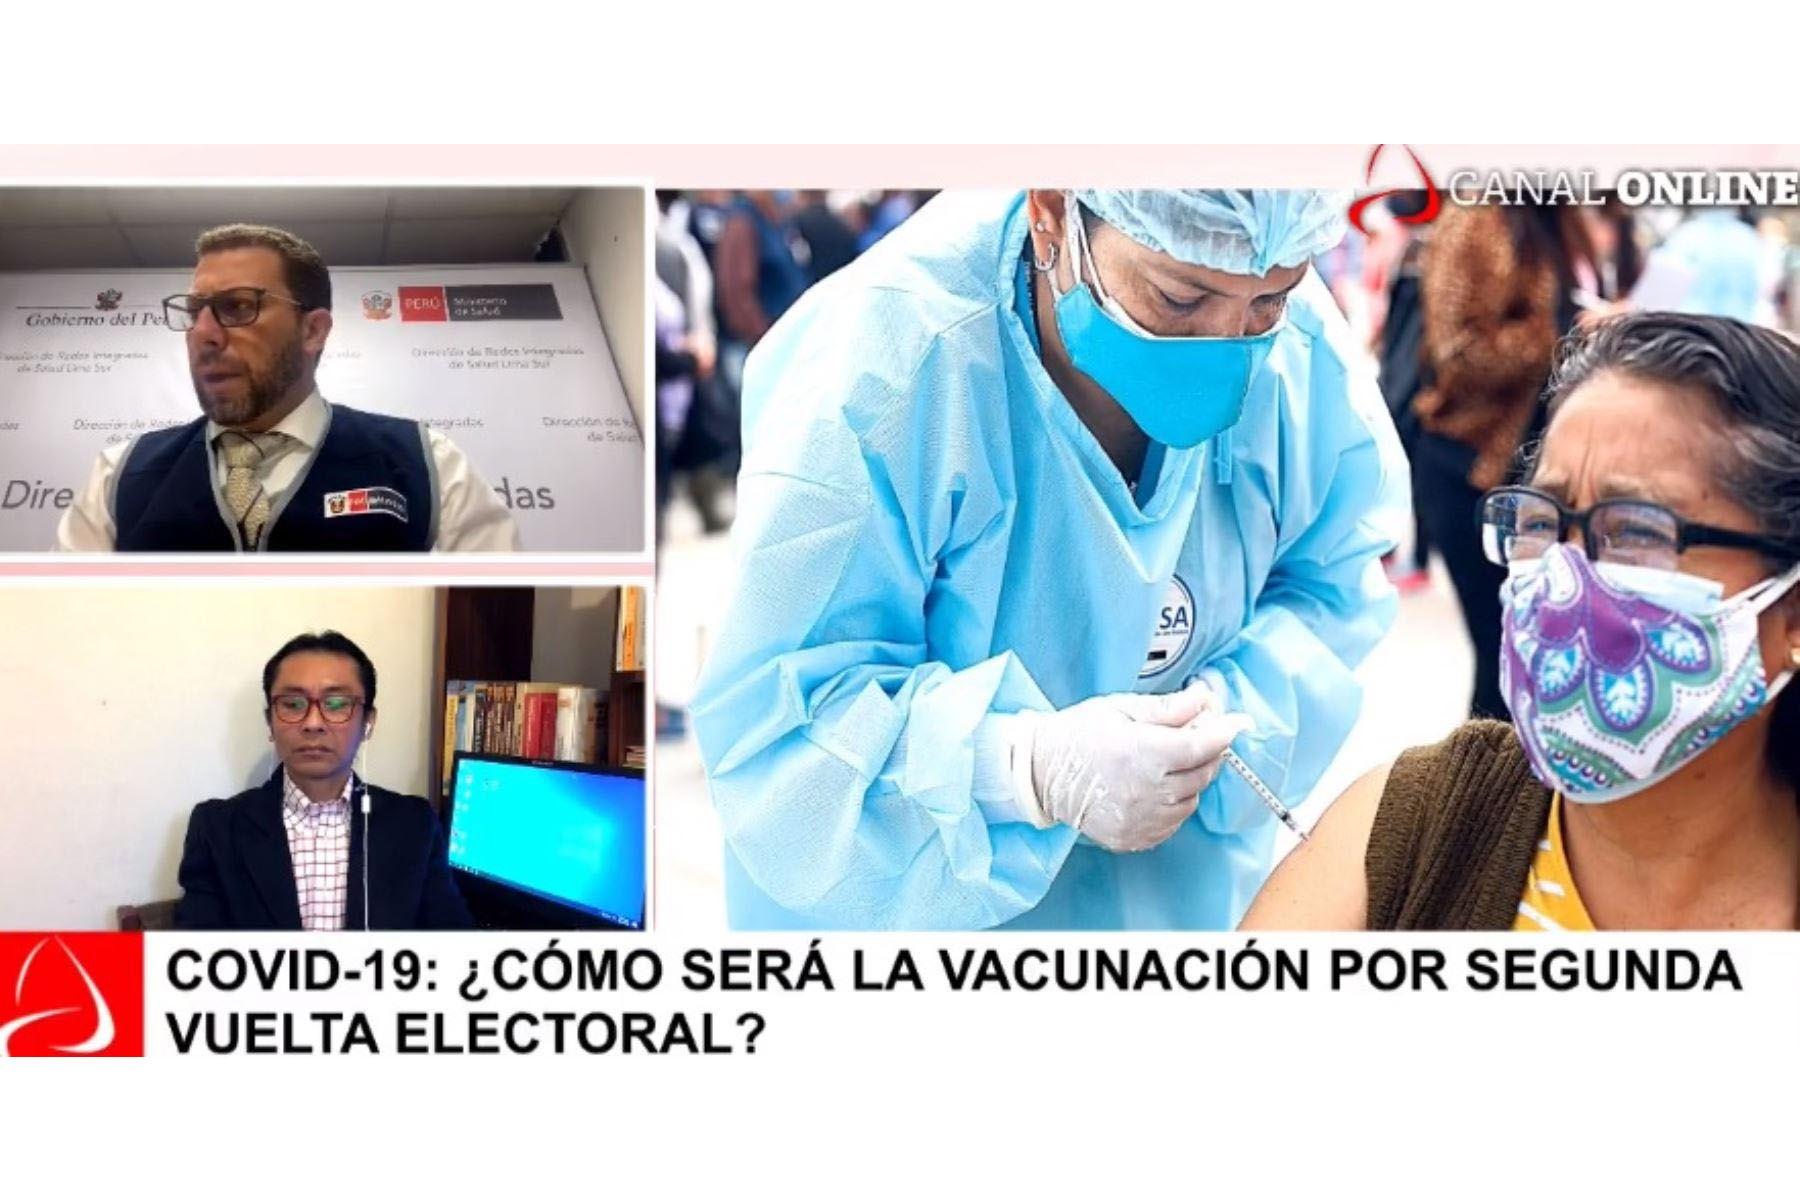 Andina canal Online difunde los miércoles Saludable Mente y los viernes Salud y Bienestar. Foto: Captura